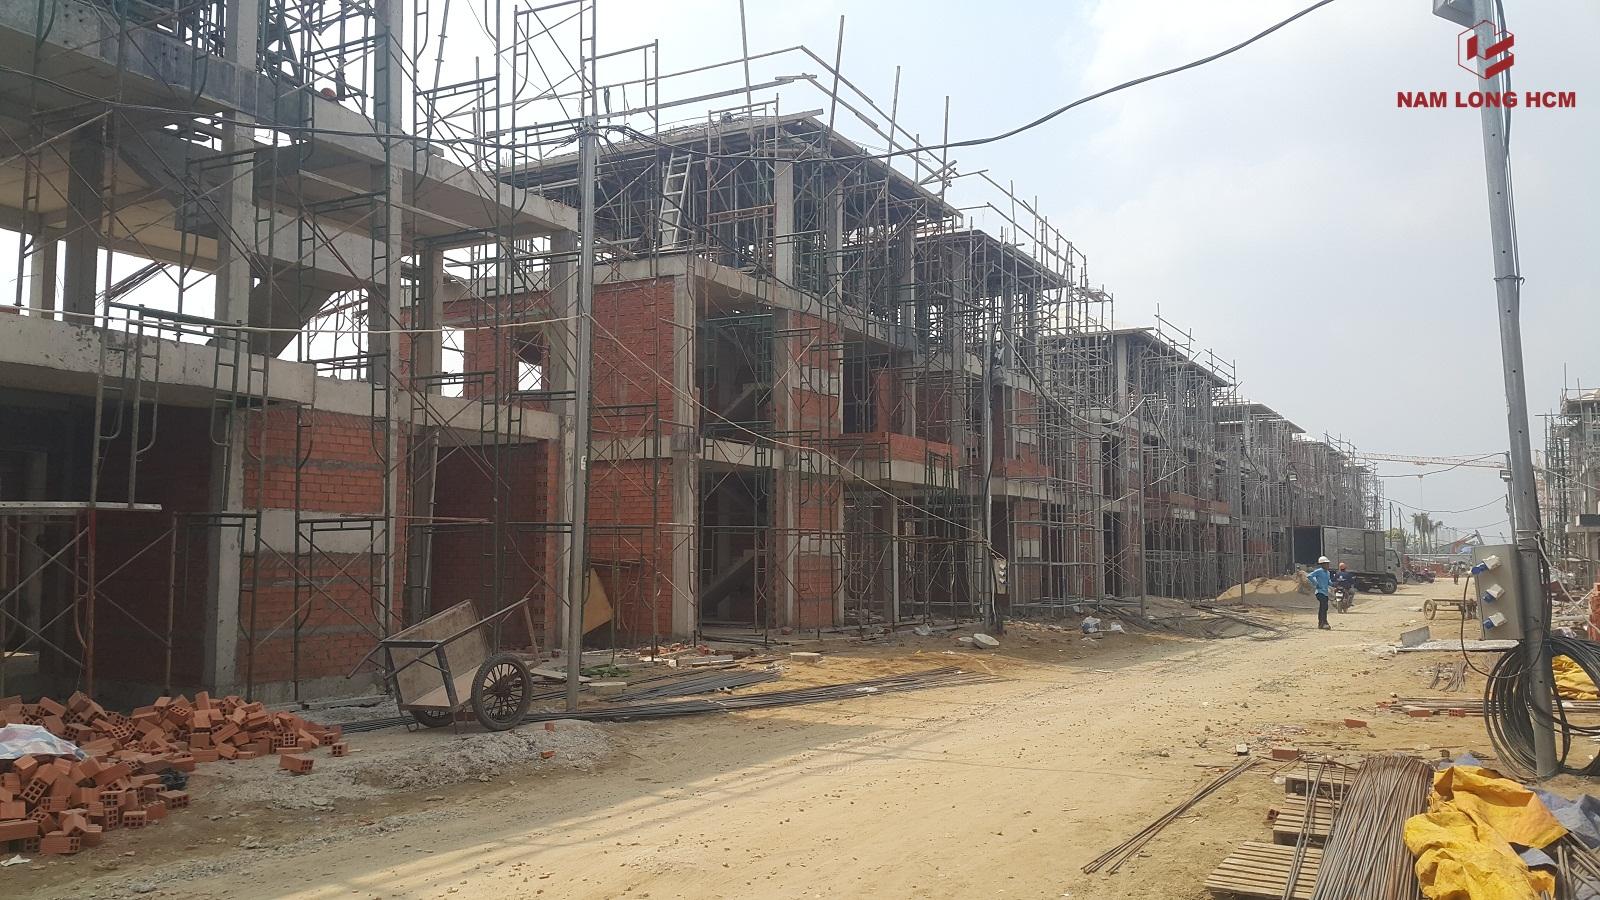 Tiến độ dự án Biệt thự Valora Island Nam Long Bình Chánh thang 02/2018. Ảnh: nam Long HCM